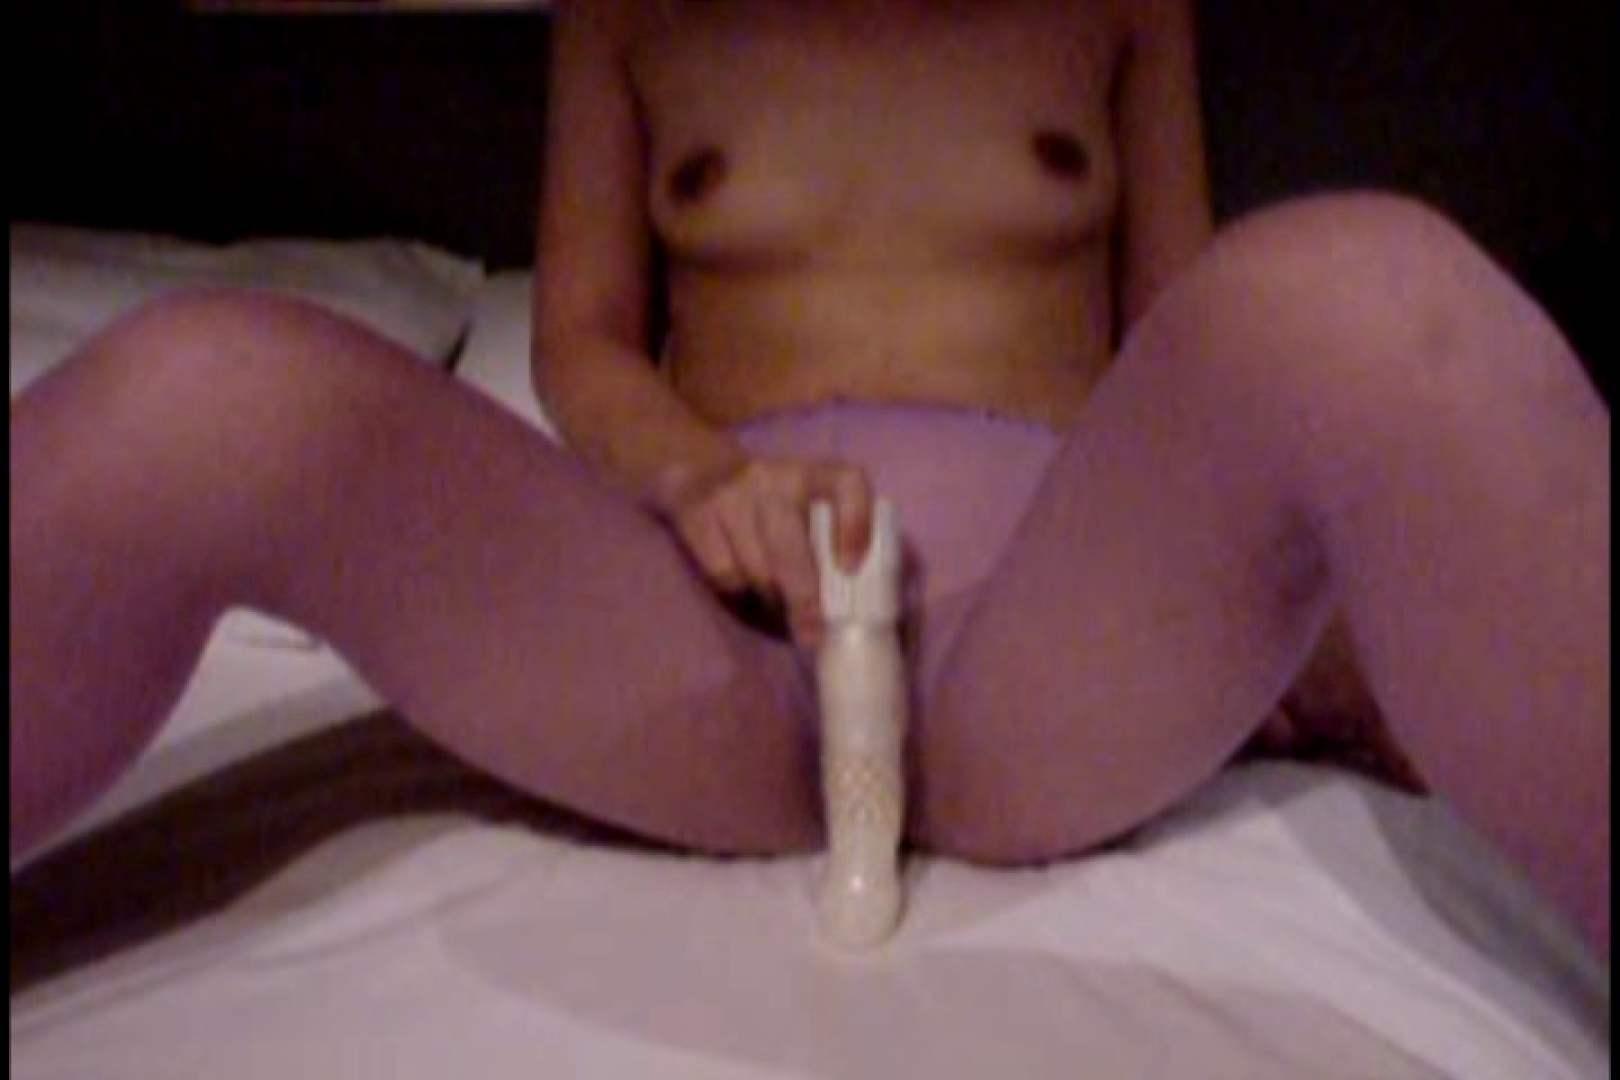 ウイルス流出 九州工学部女子大生藤野瑠美 女子大生  83連発 32